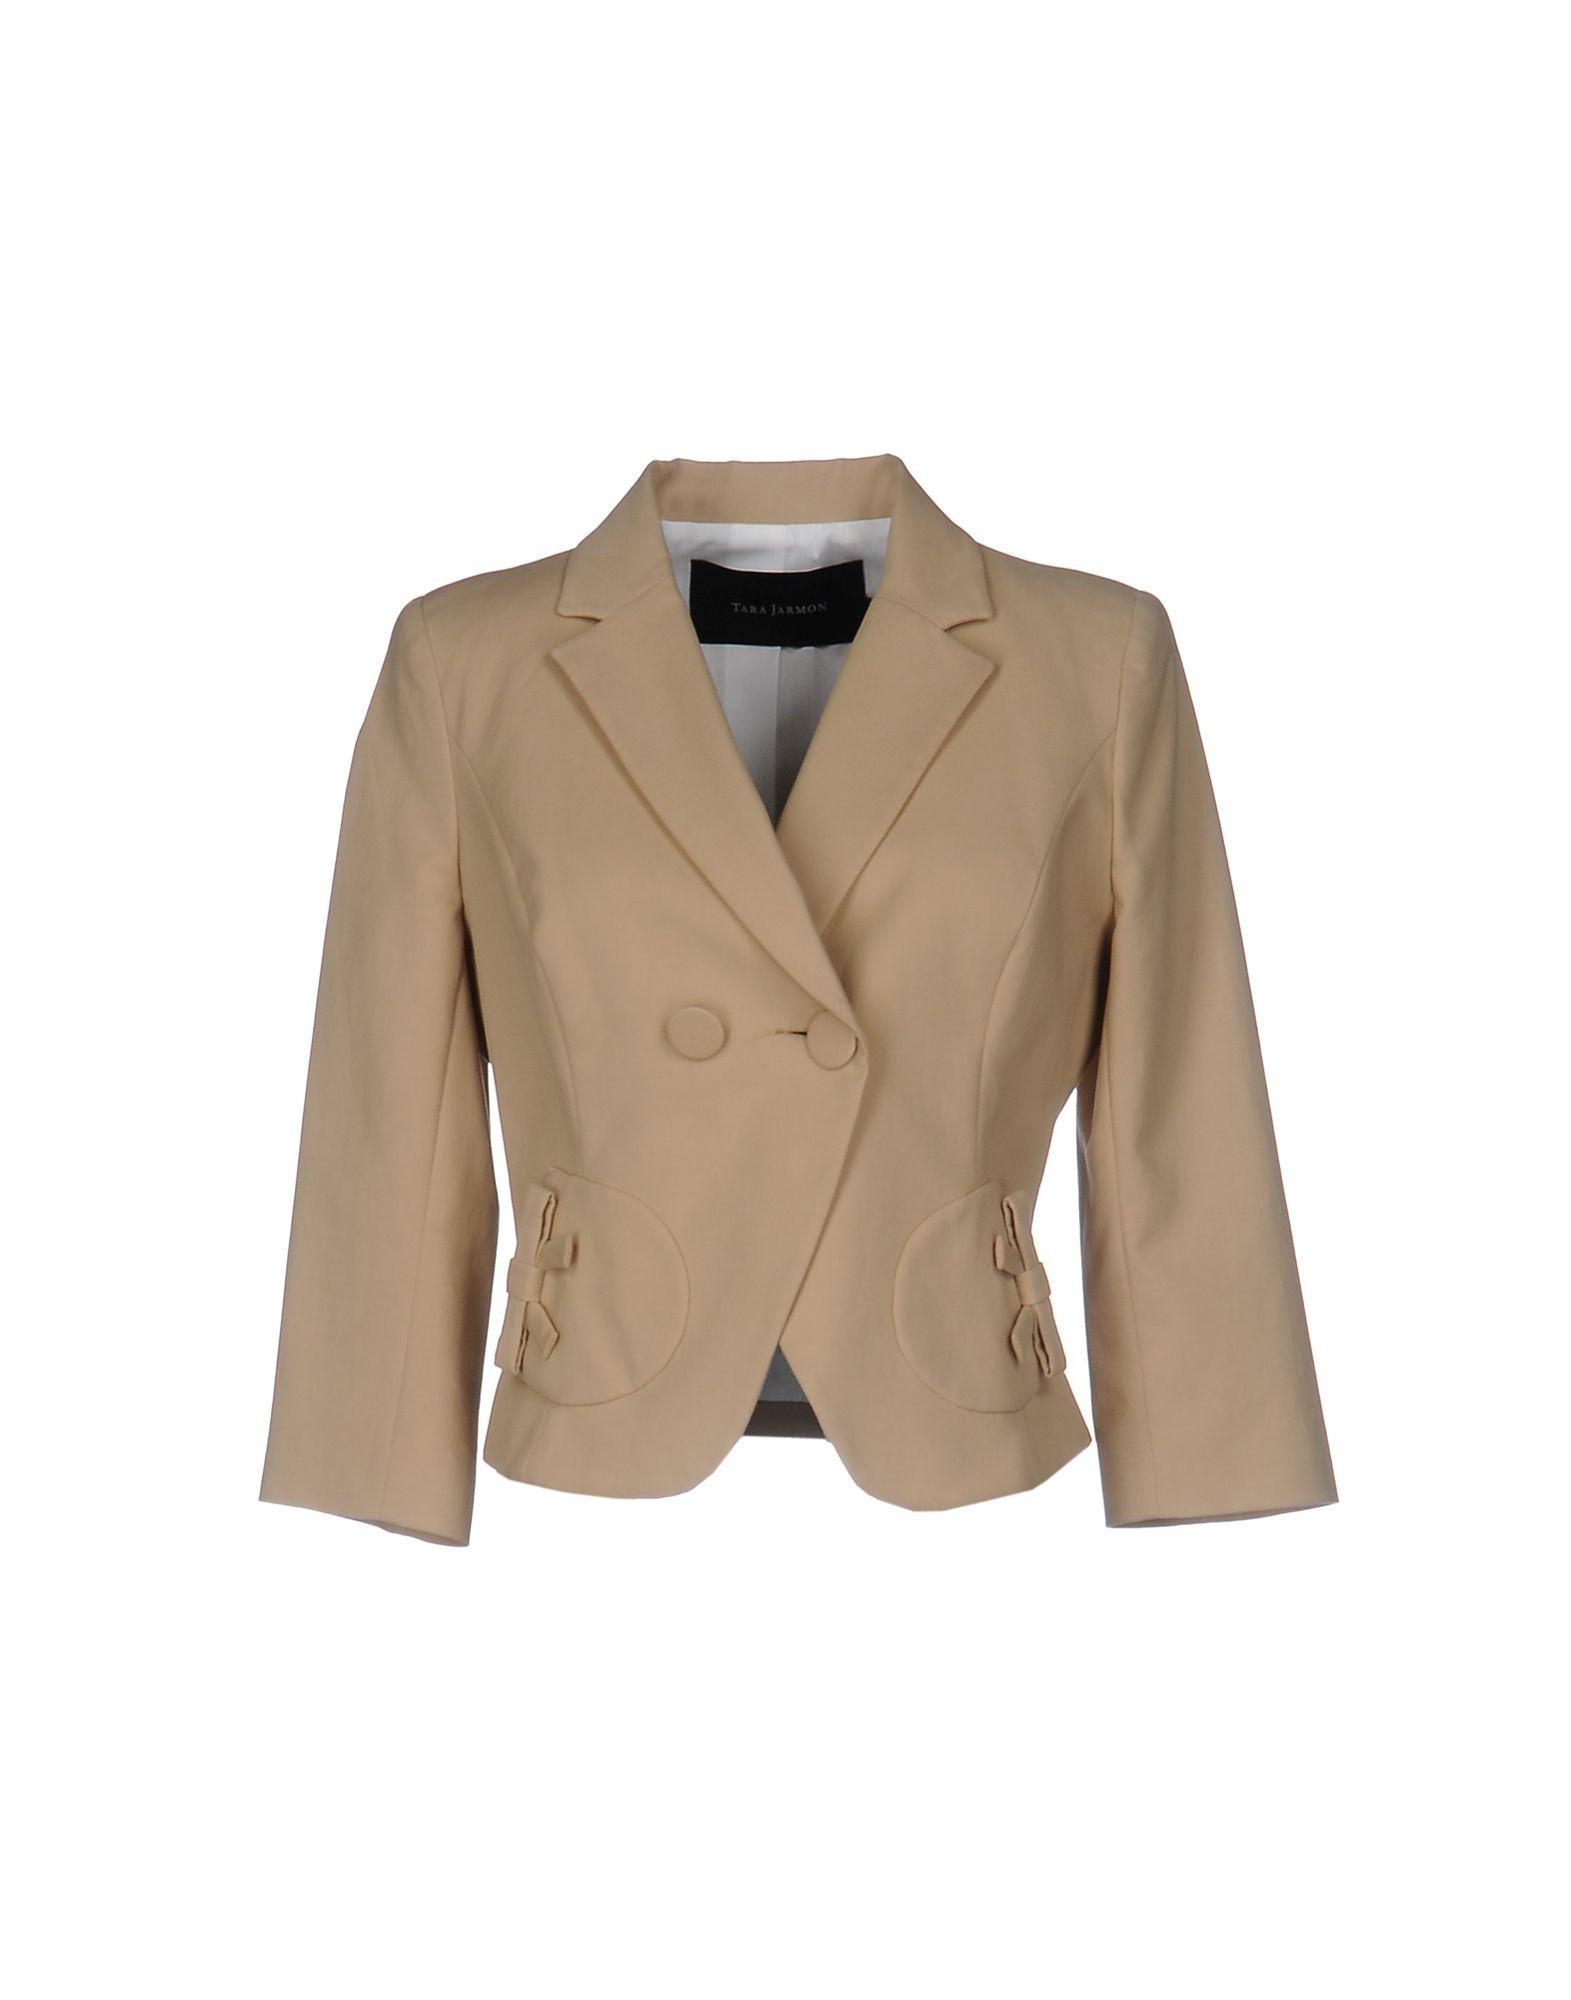 TARA JARMON Damen Jackett Farbe Beige Größe 6 - broschei